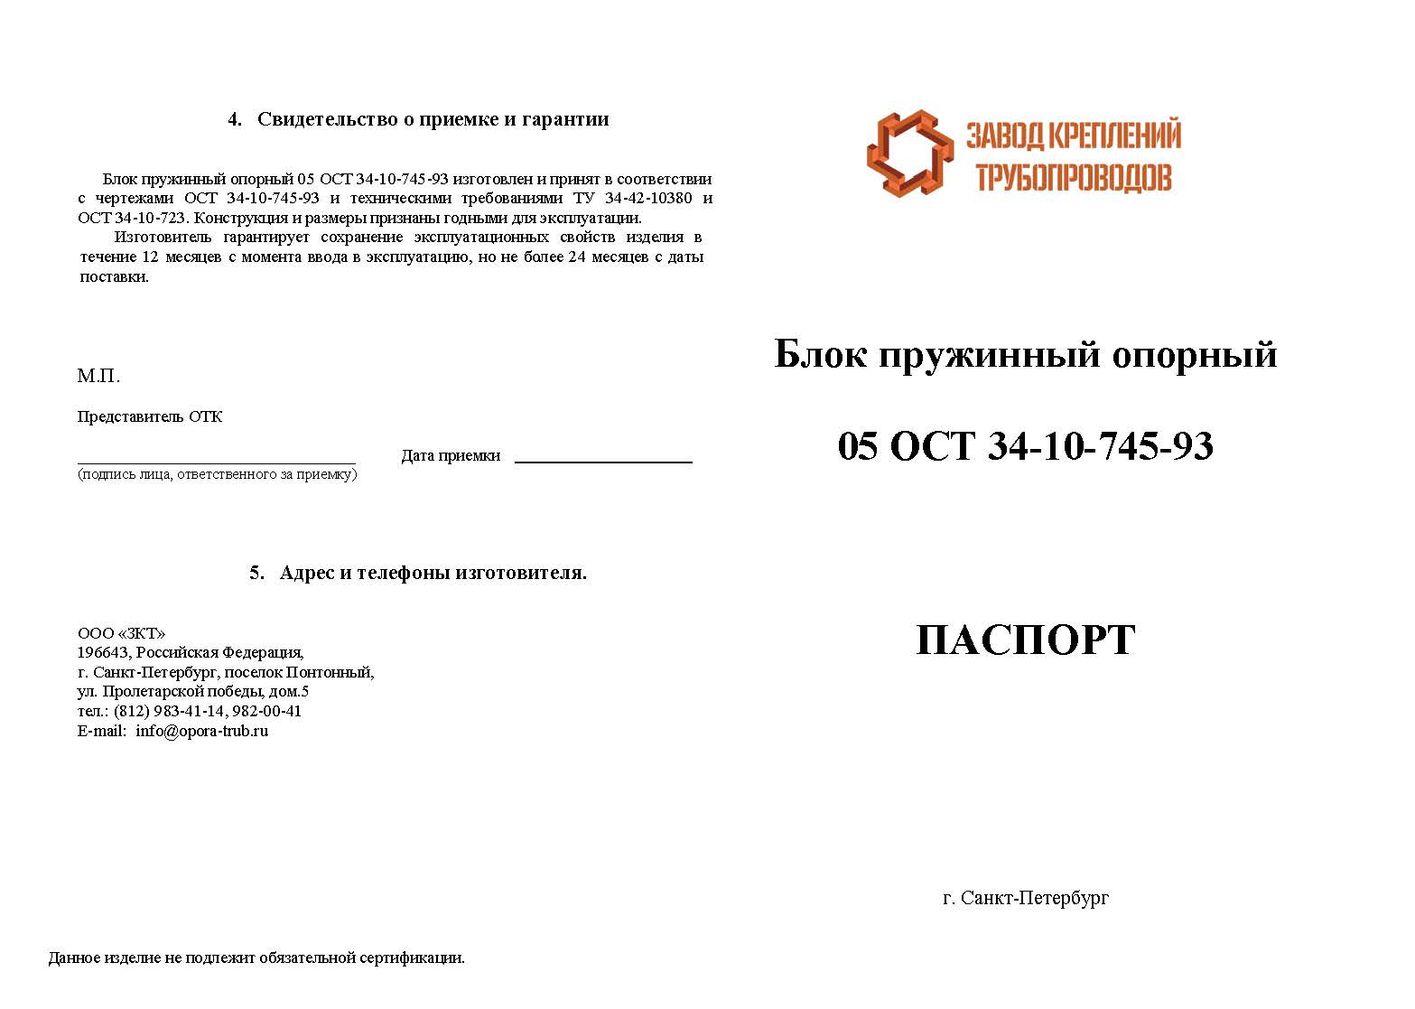 Паспорт Блок пружинный опорный 05 ОСТ 34-10-745-93 стр.1